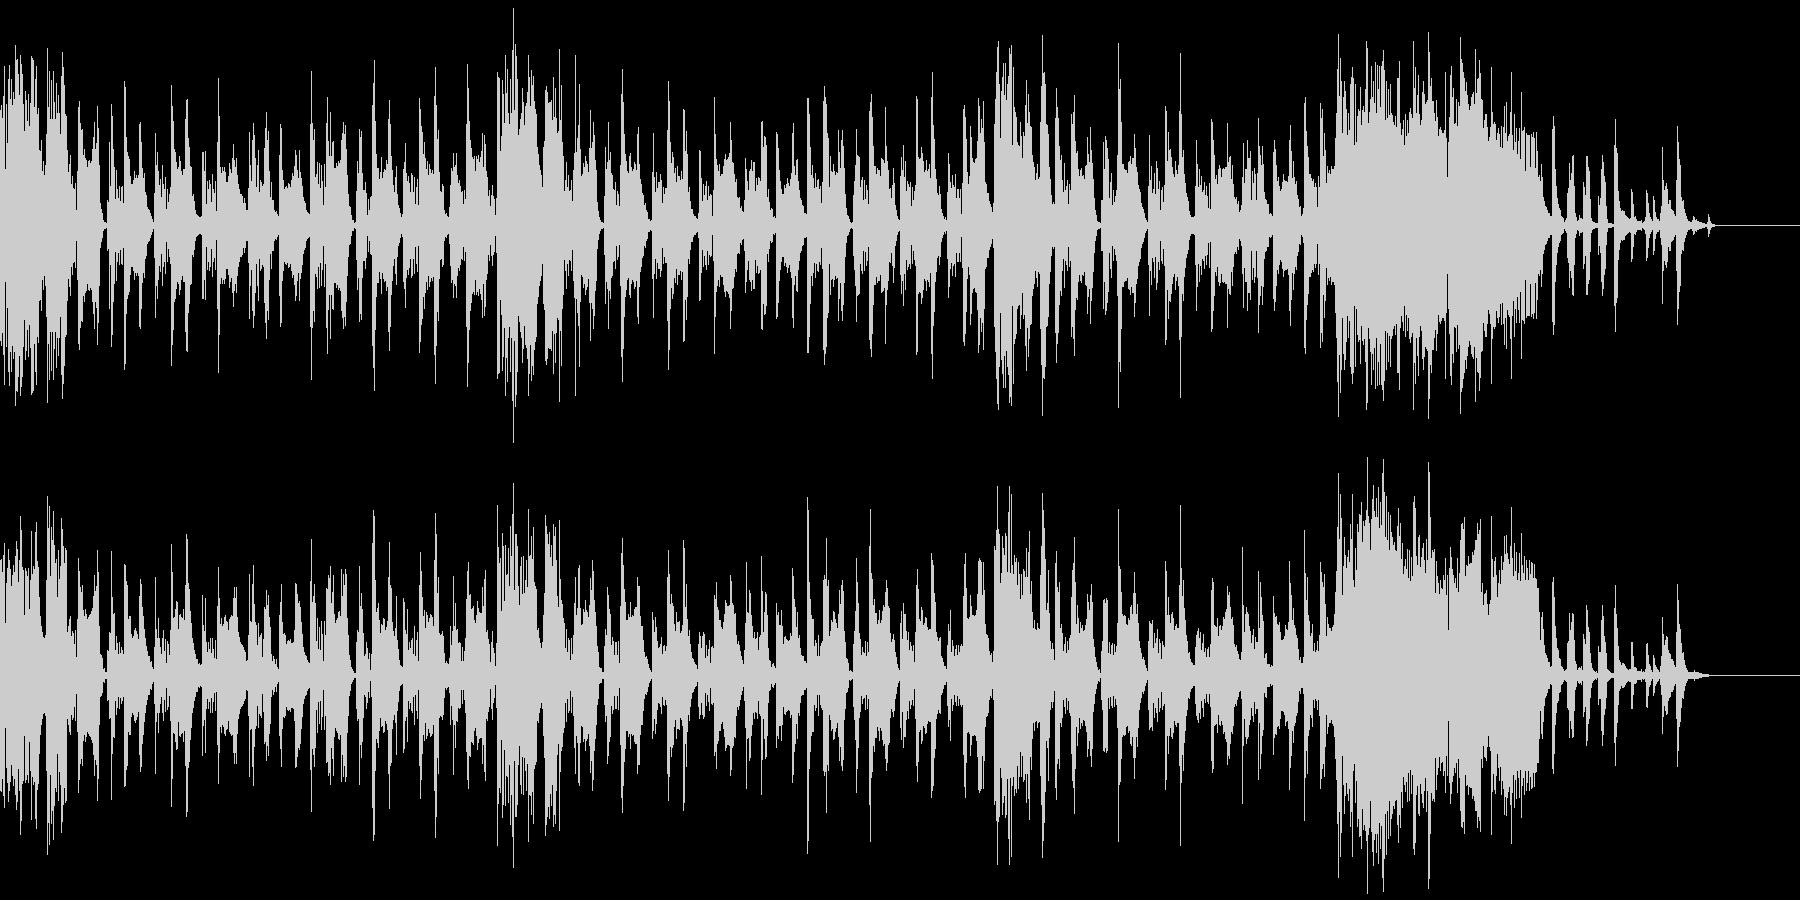 テクノでポップなBGMの未再生の波形